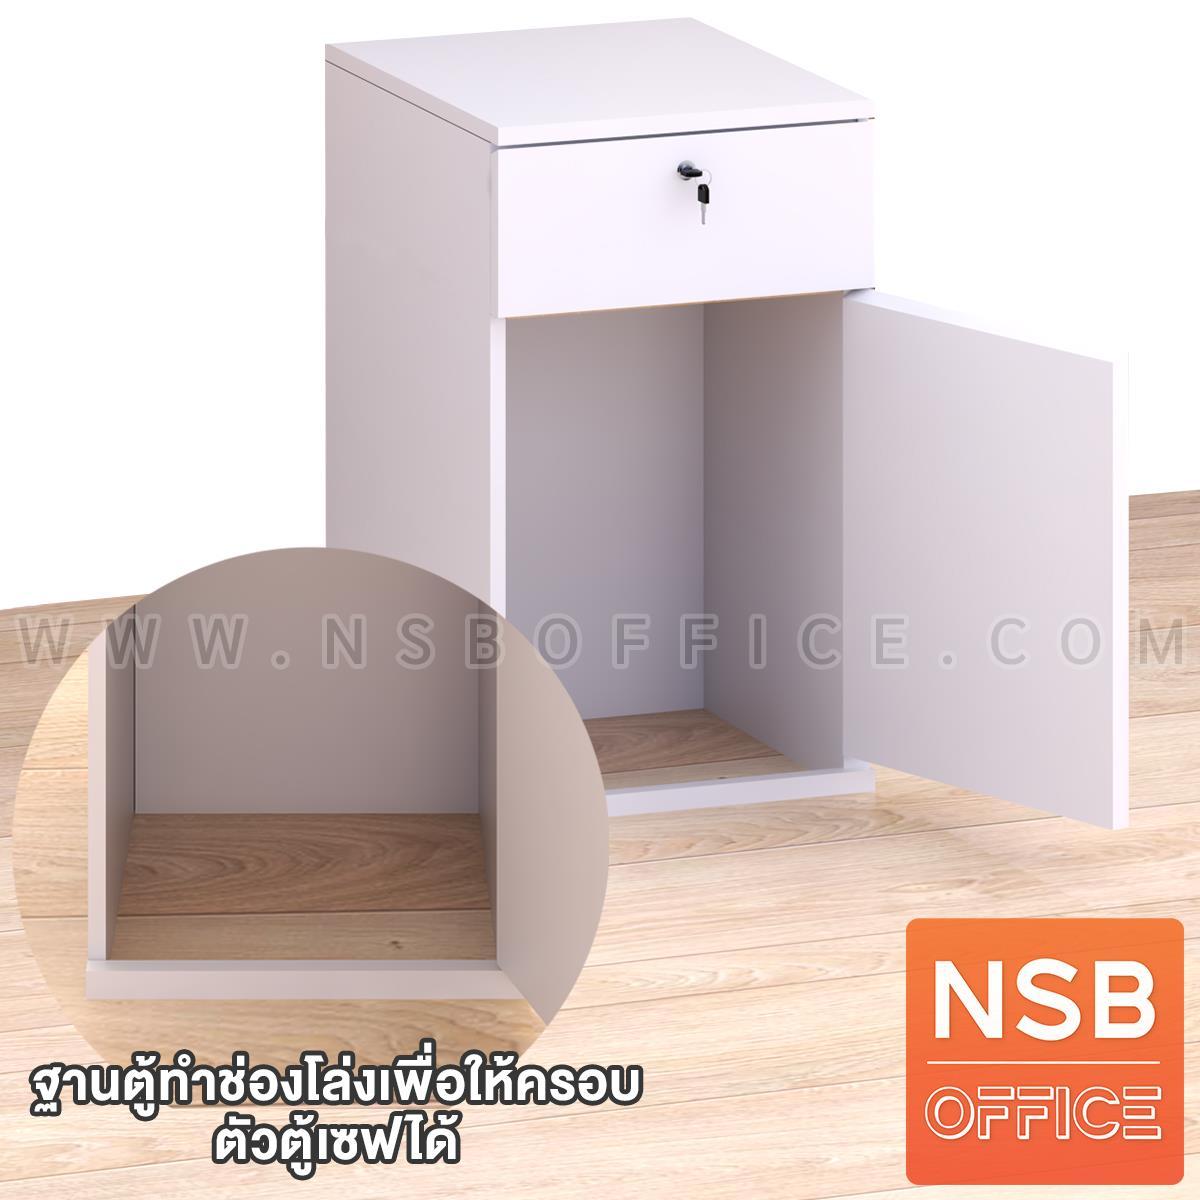 ตู้ครอบเซฟ (แนวตั้ง) 2 บานเปิด รุ่น Lightview (ไลท์วิว) ขนาด 70W*70D*120H cm. สำหรับเซฟน้ำหนัก 190 กก.